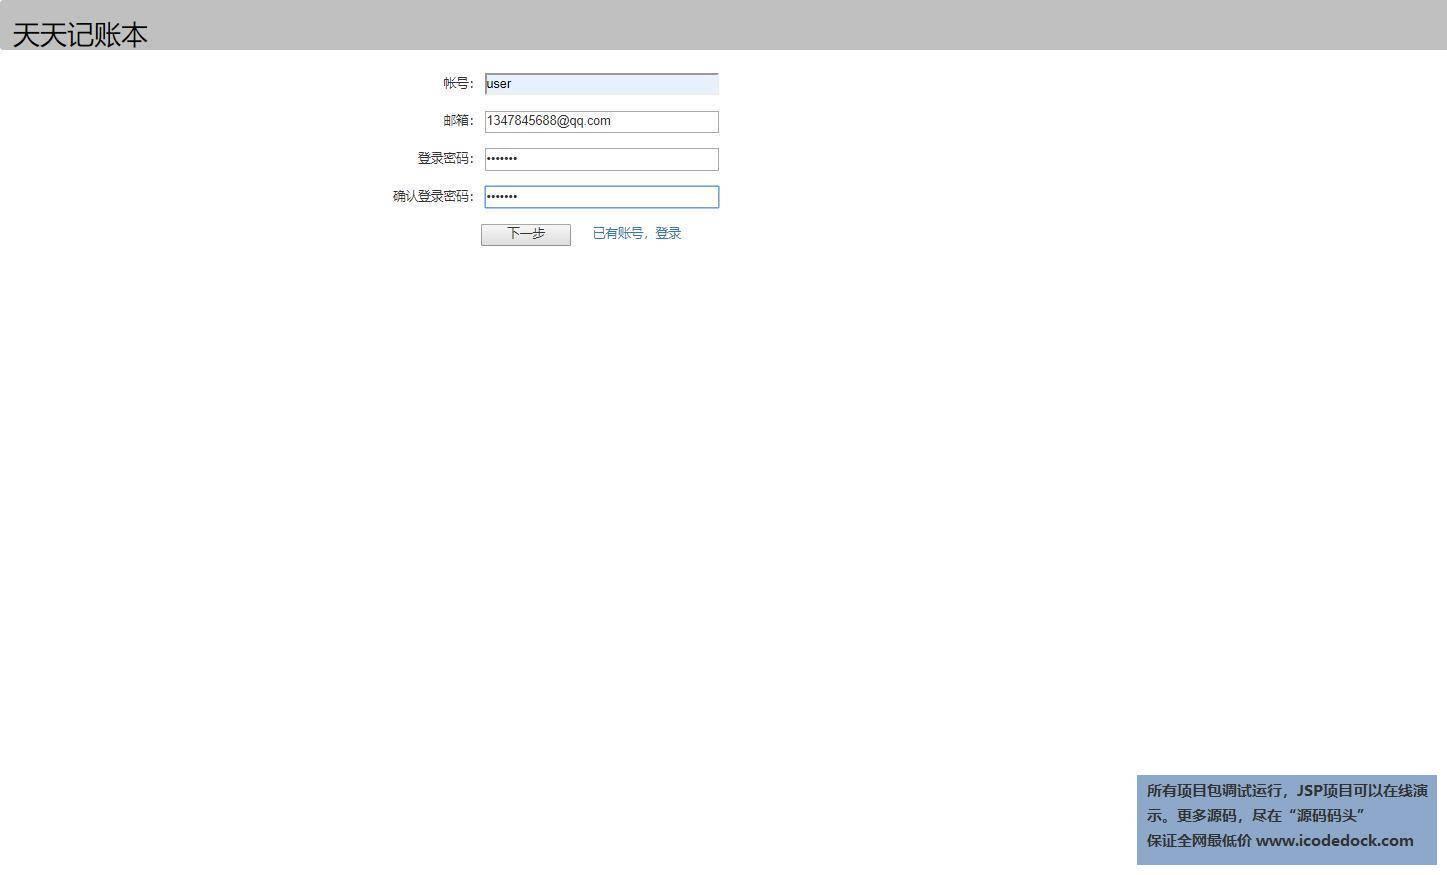 源码码头-SSM个人记账本-用户角色-用户注册